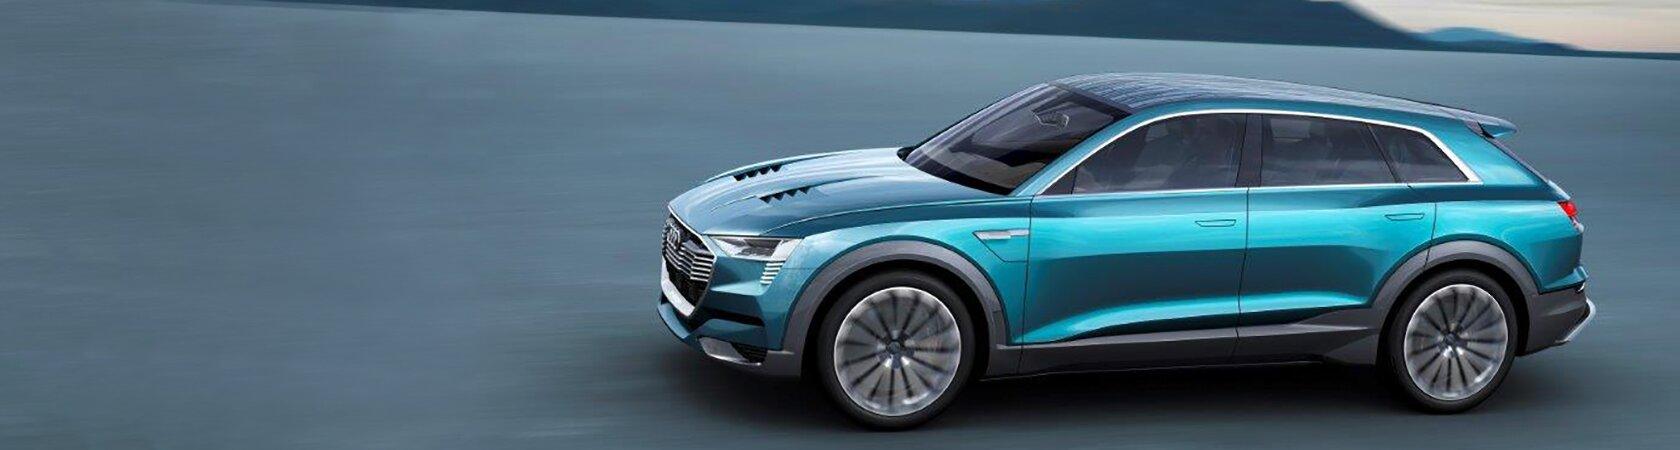 Bilde Audi e-tron quattro